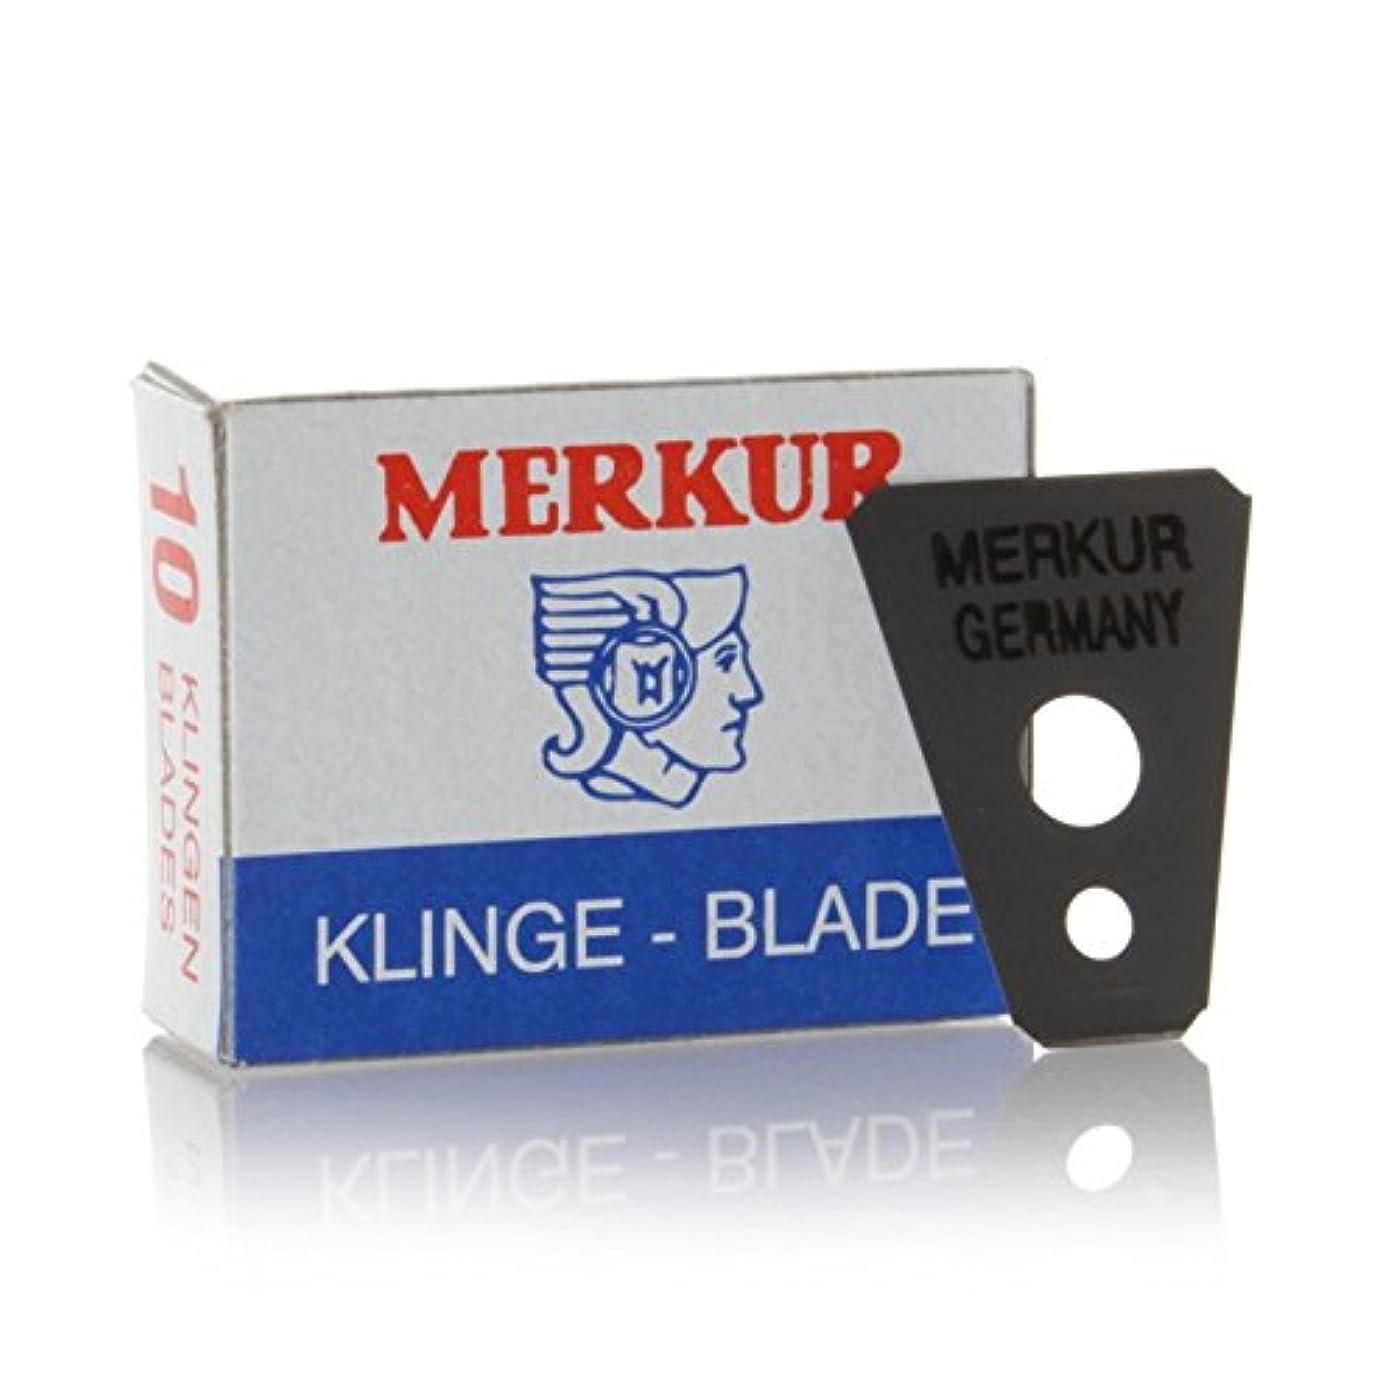 チェスをするケーキ毛細血管MERKUR Solingen - Razor blades for moustache shaver, 10 pieces, 90908100